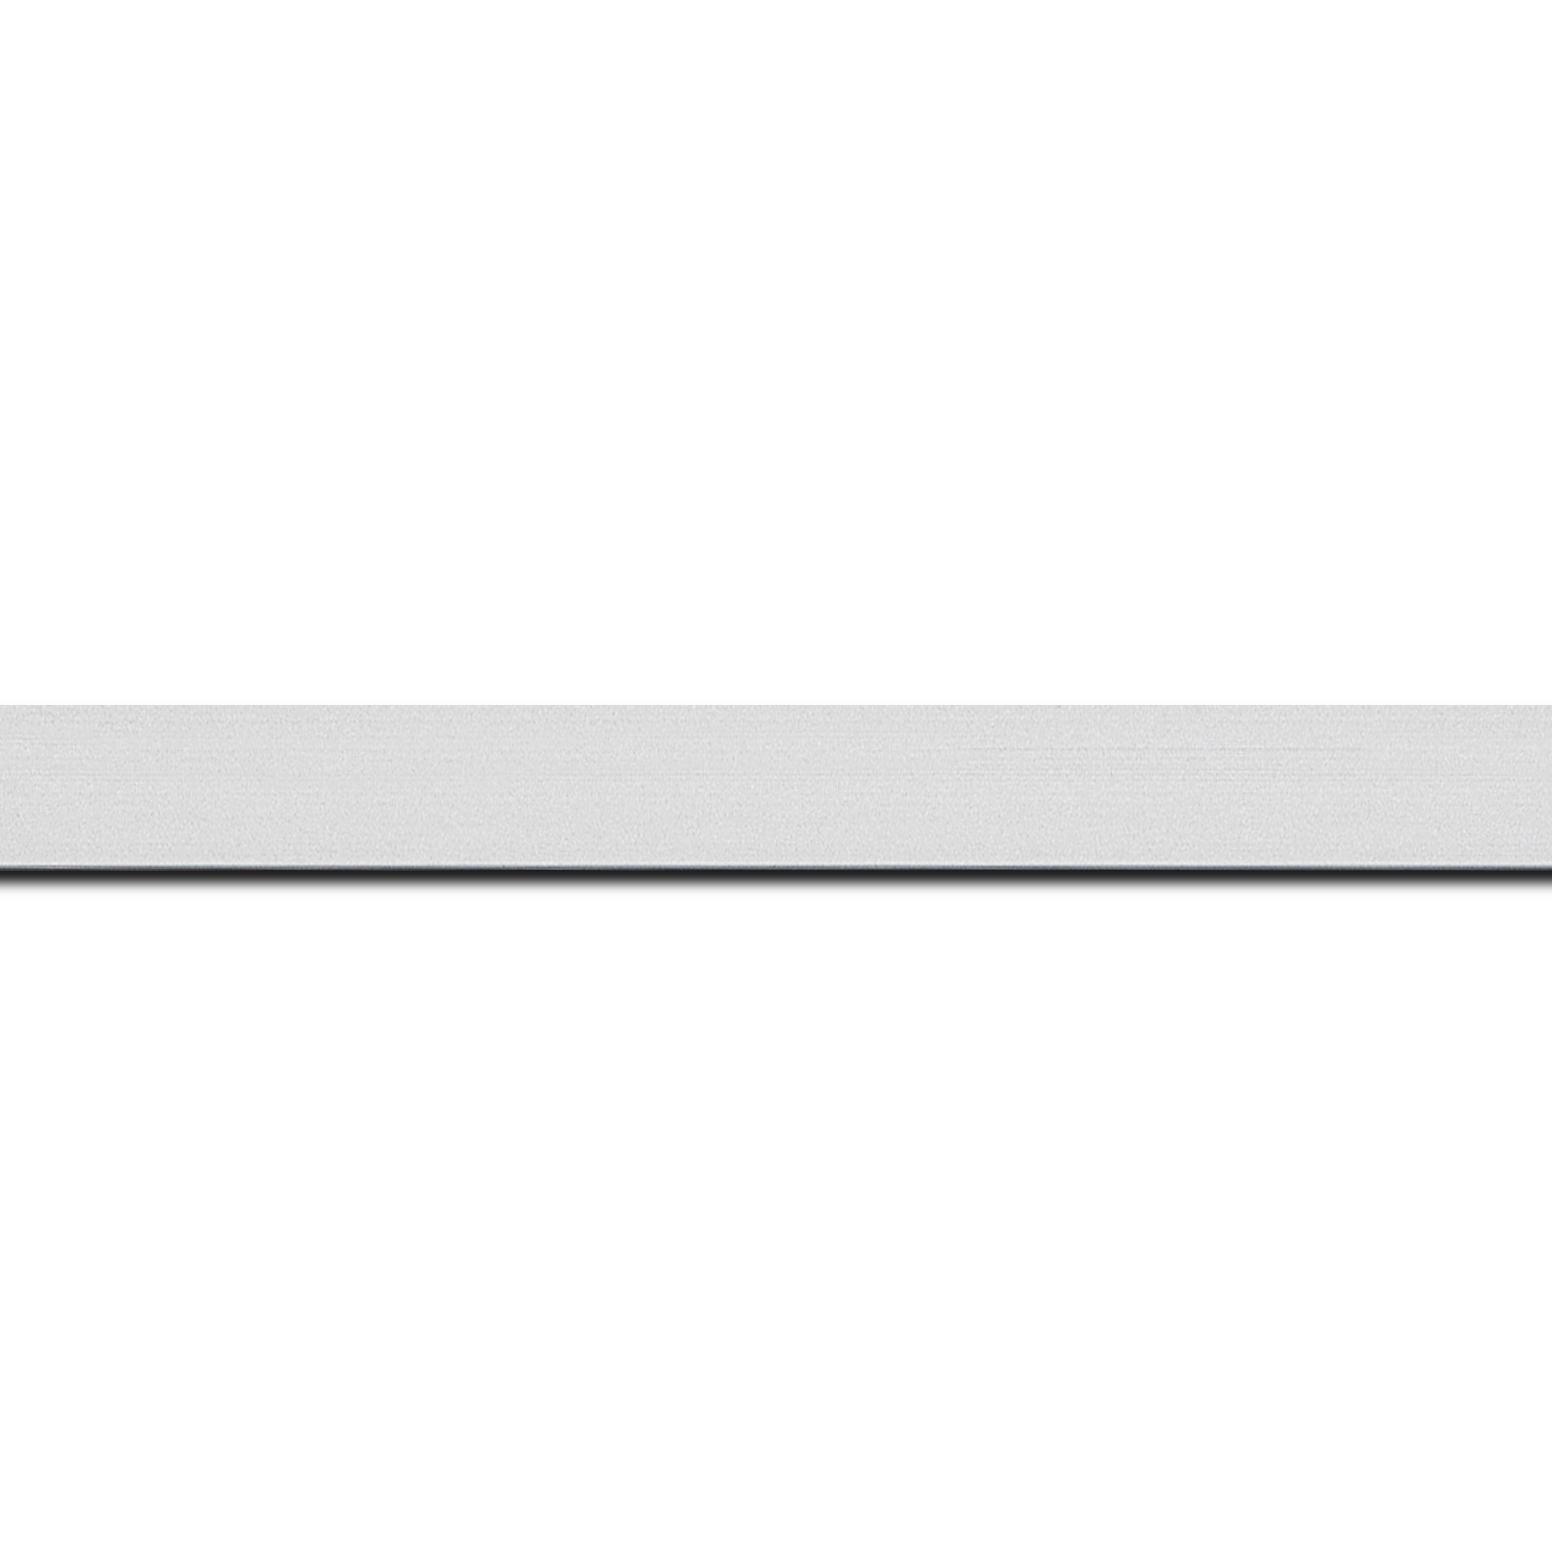 Baguette longueur 1.40m bois recouvert aluminium profil plat largeur 1.6cm argent brossé  bord droit